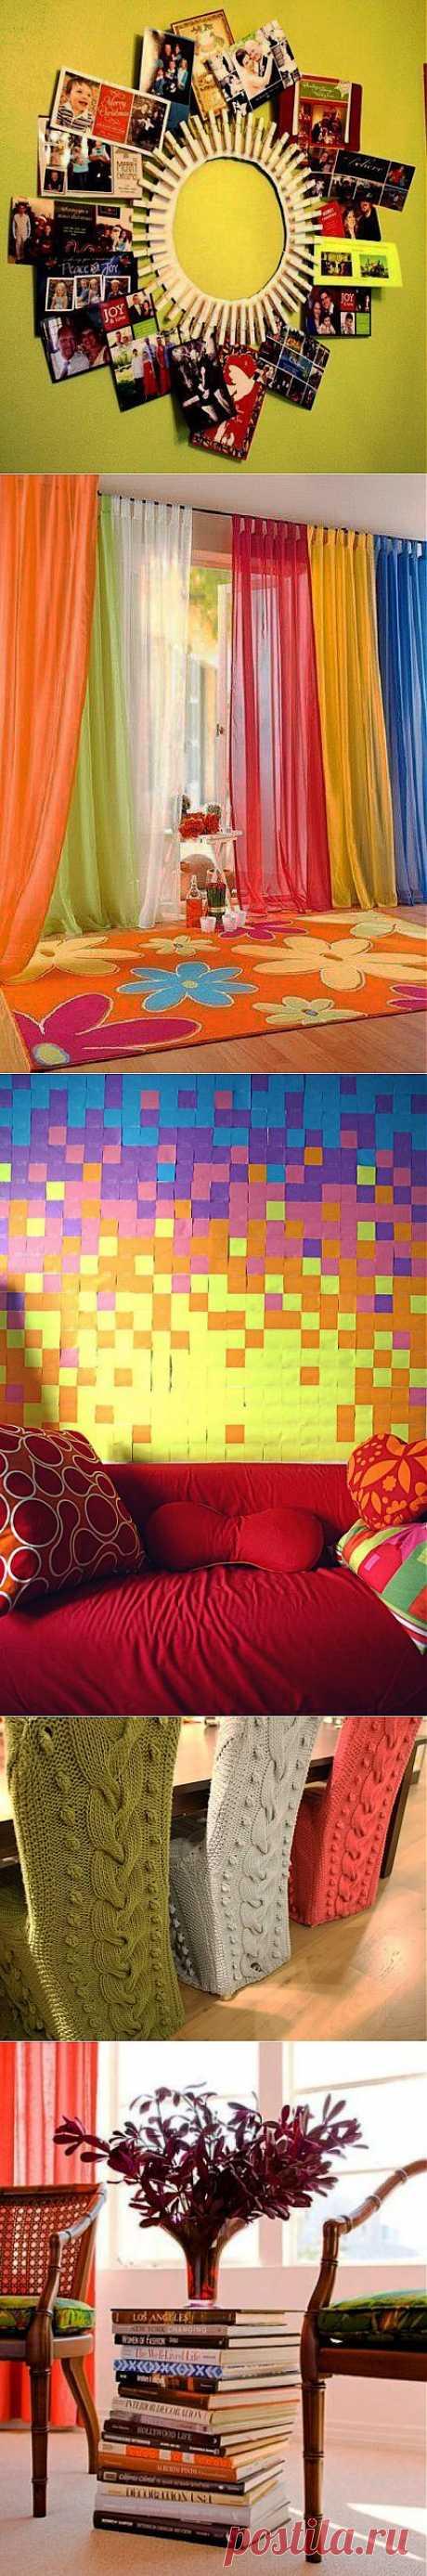 сообщение Только_для_женщин : 25 способов украсить дом, не имея ни гроша (13:57 05-03-2014) [3080659/315865461] - luciy56@mail.ru - Почта Mail.Ru